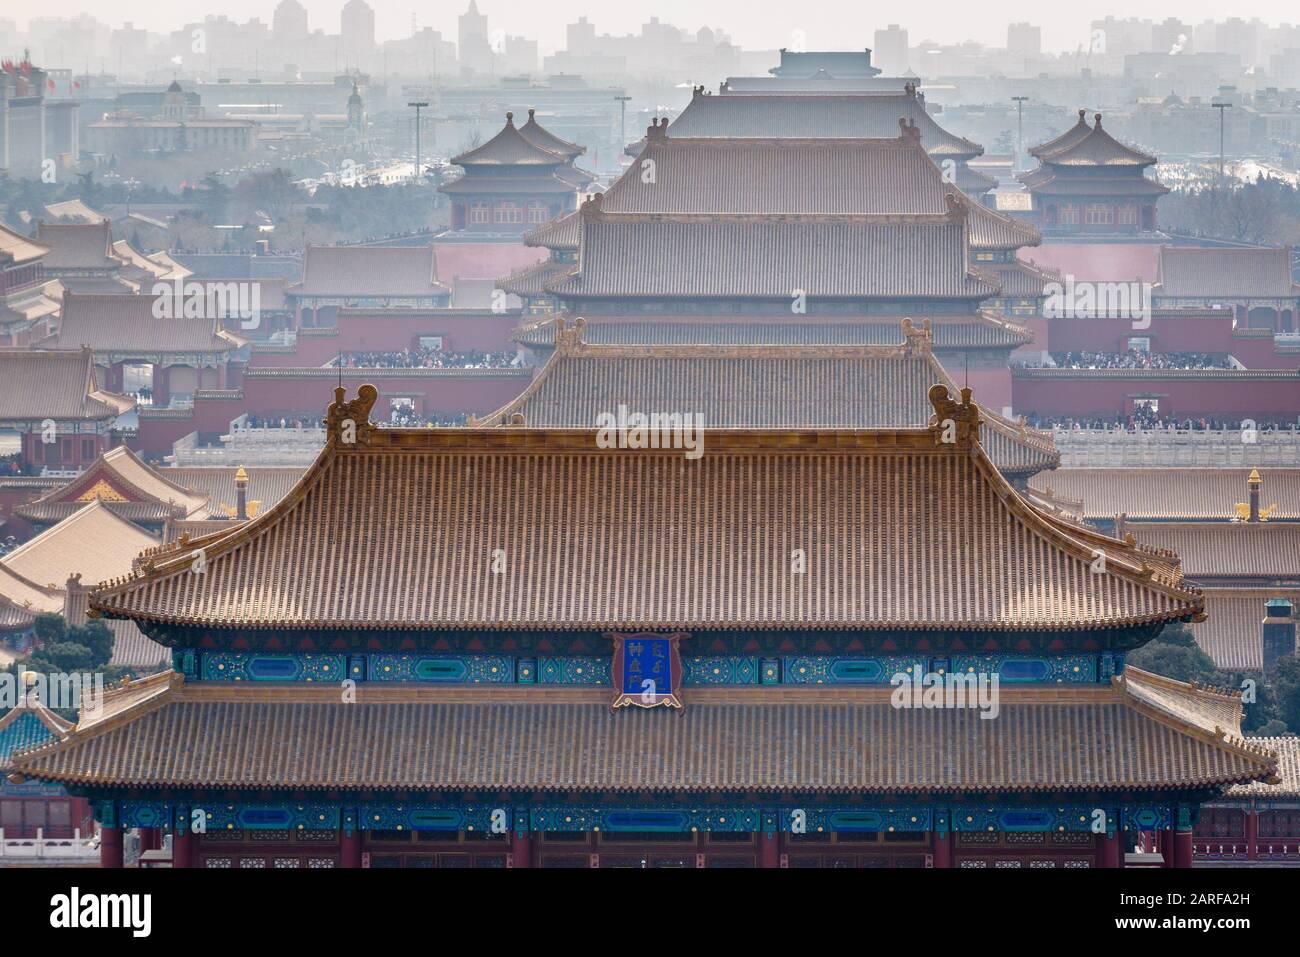 Città Proibita di Pechino, Cina, vista dalla collina Jingshan con Palace Museum. Foto Stock